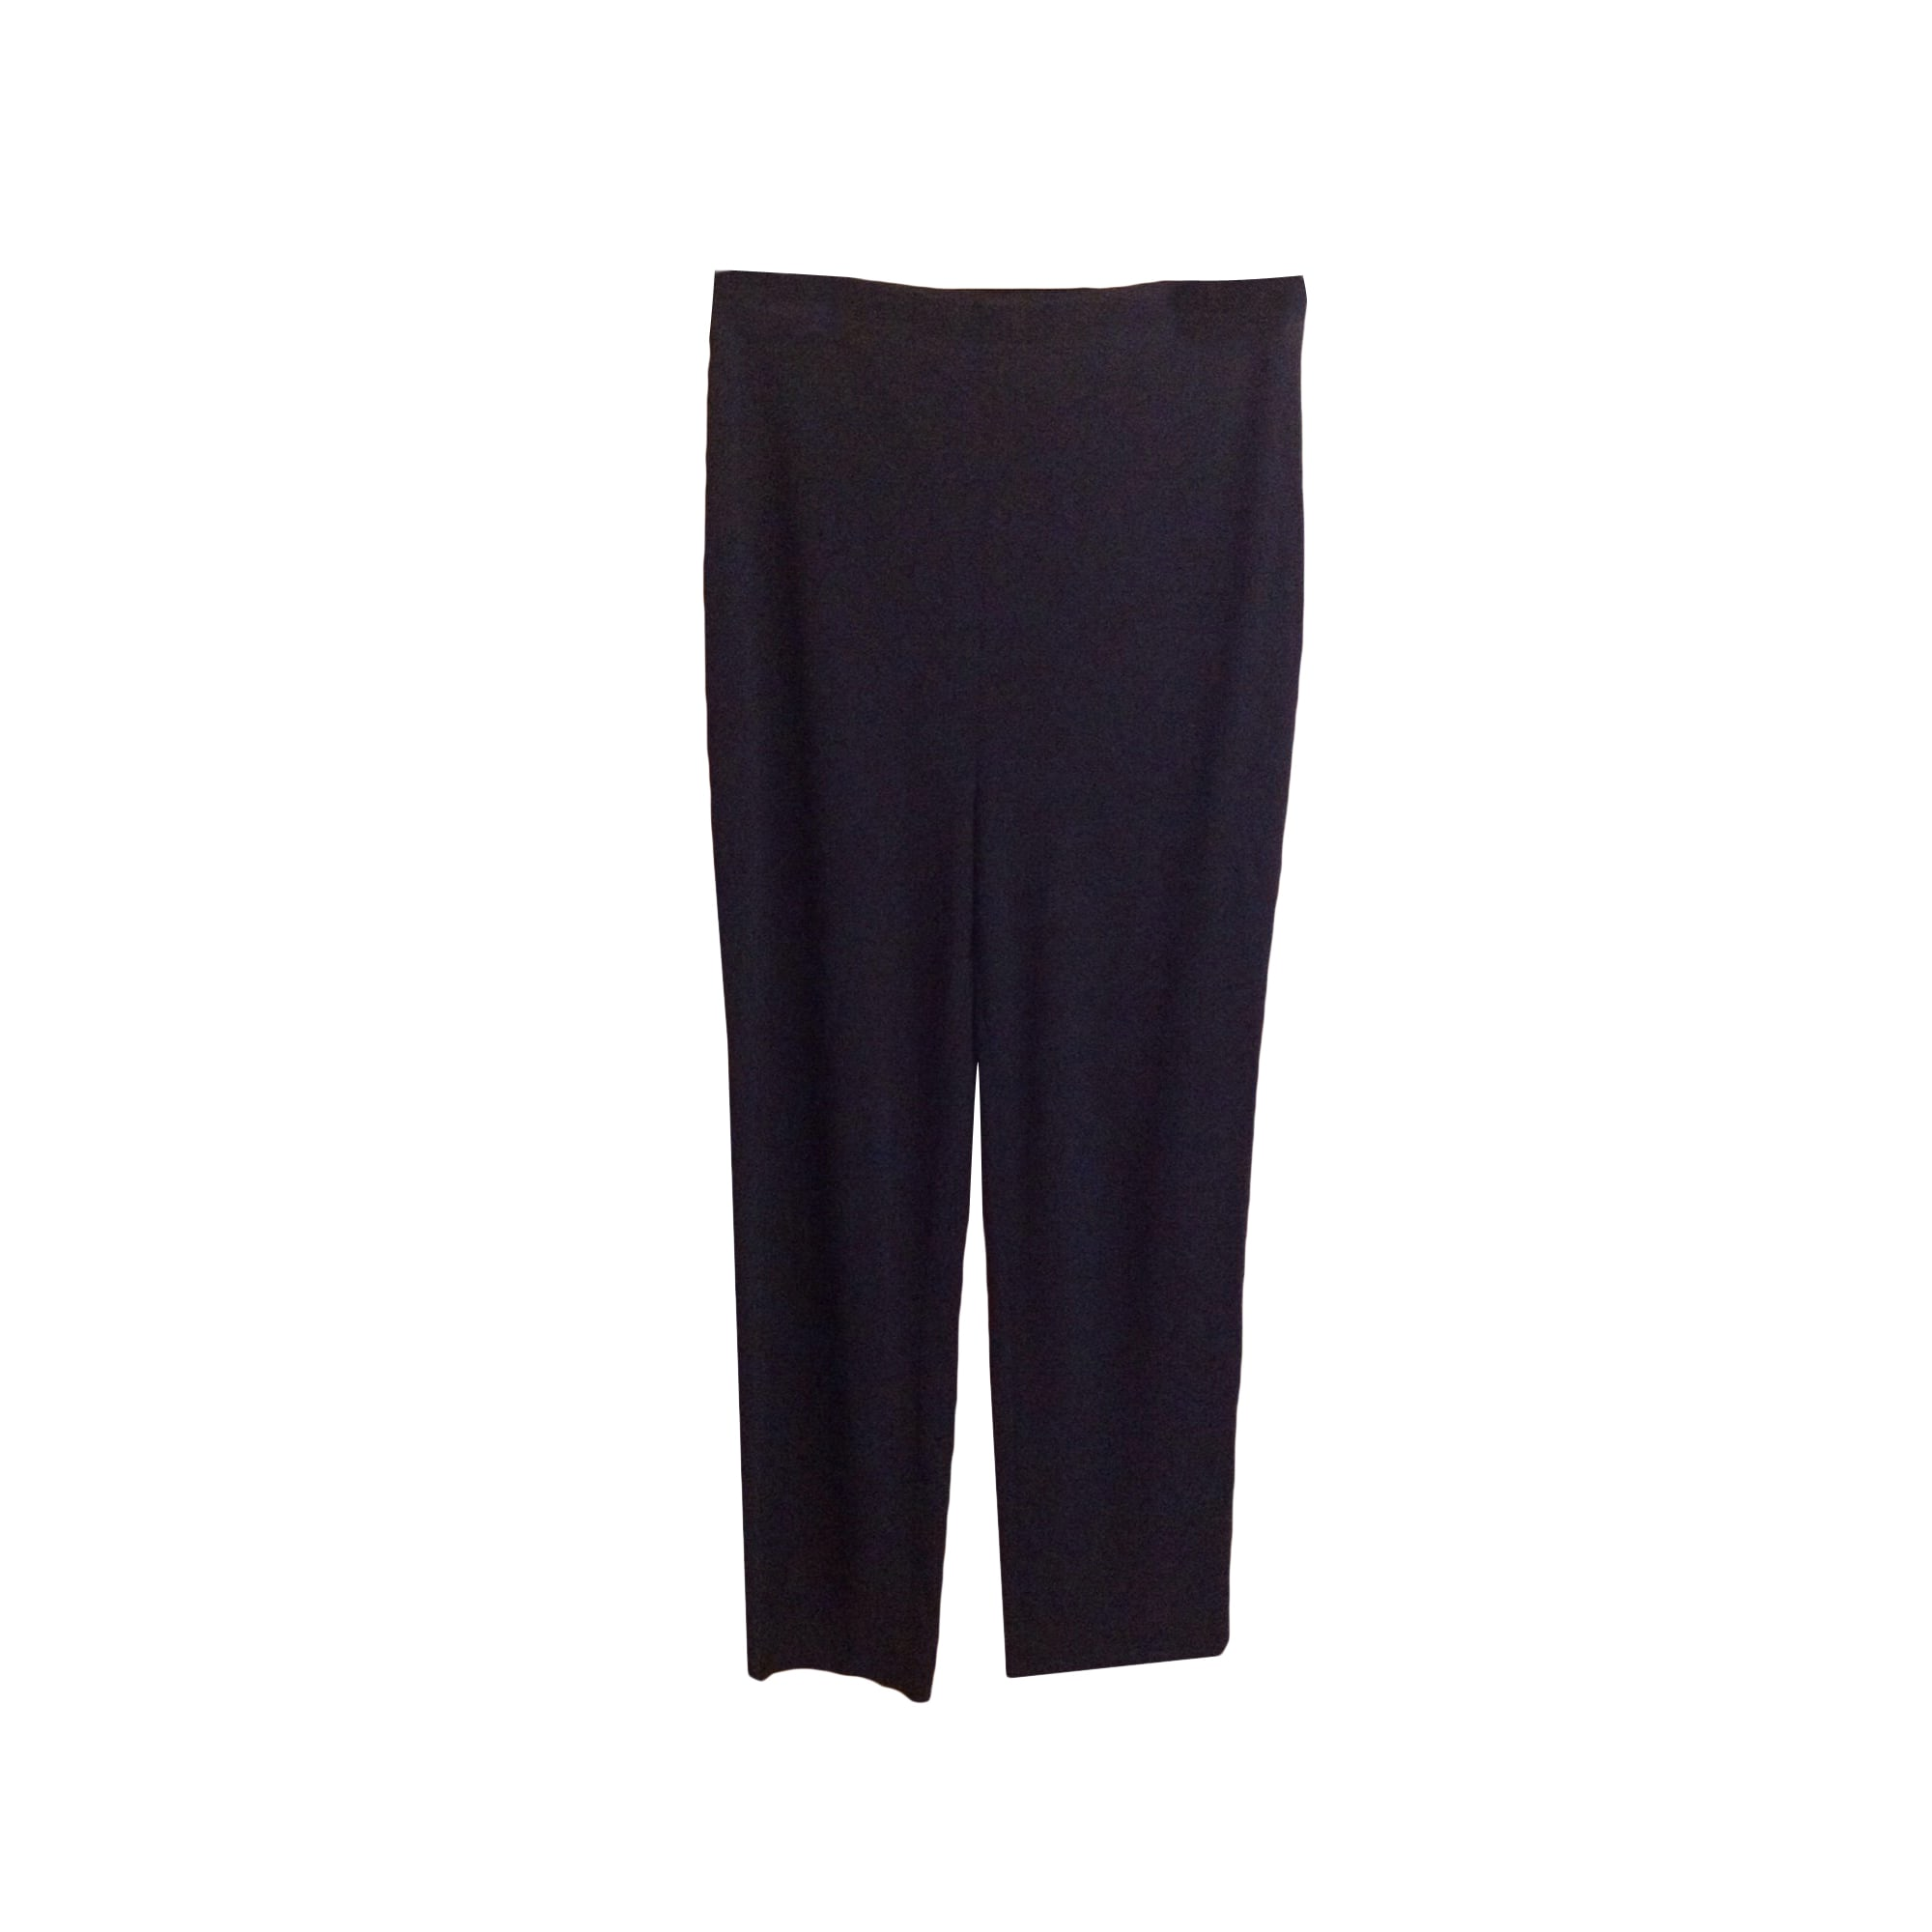 Pantalon droit CHACOK Noir